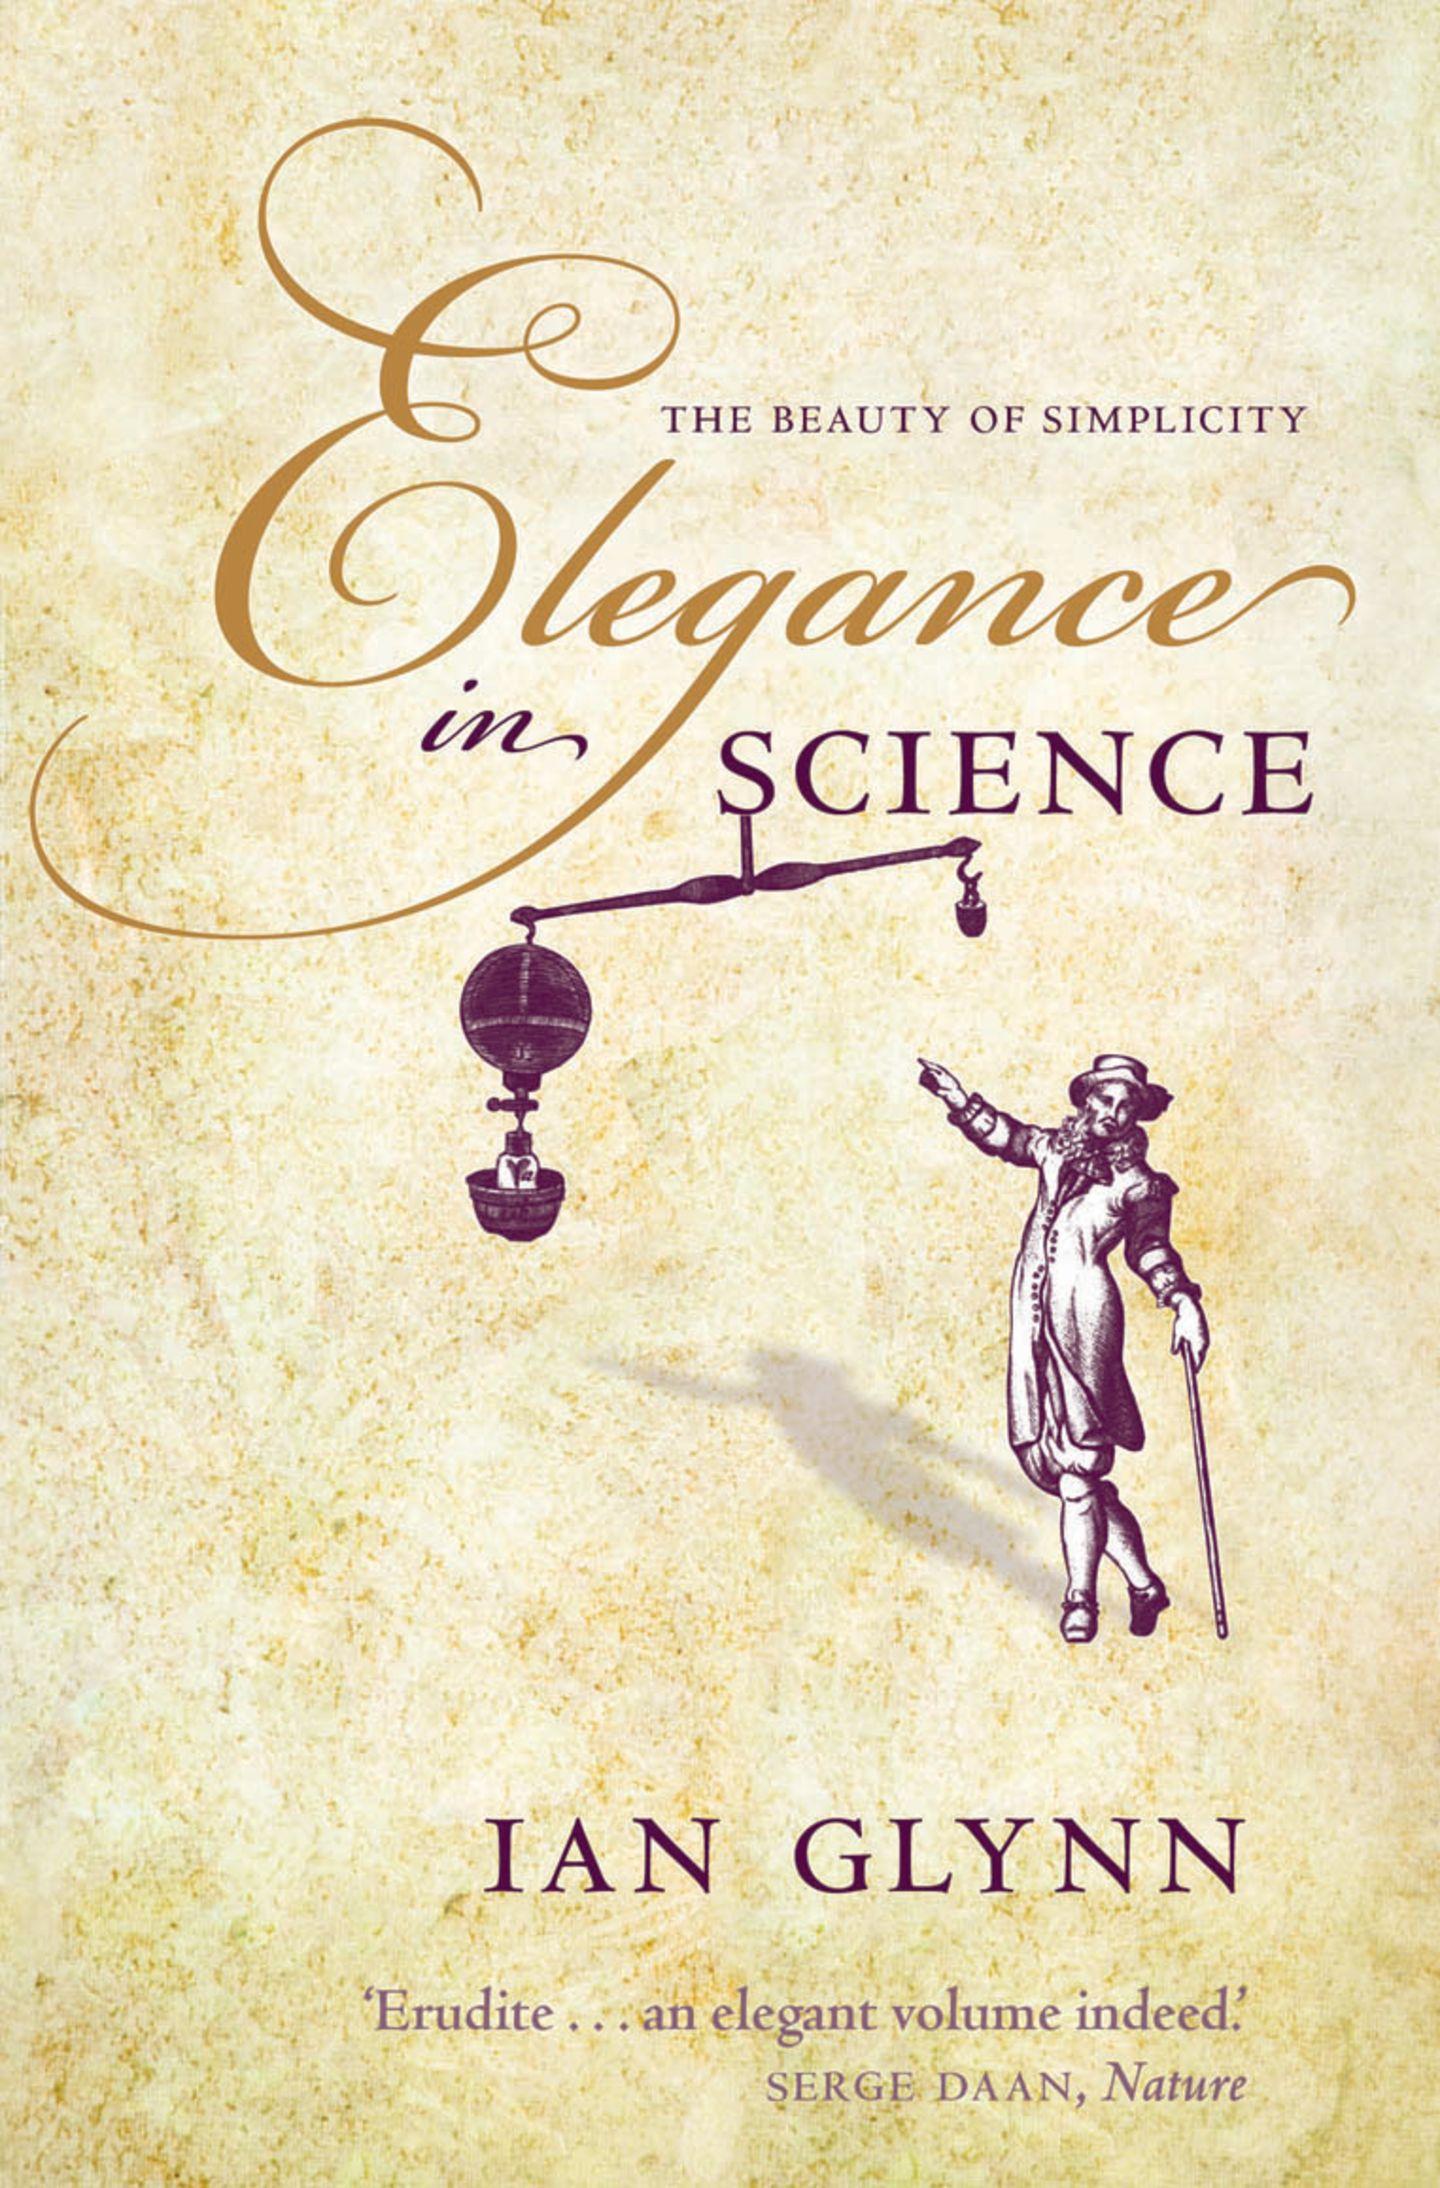 Ian Glynn - Beauty in Science